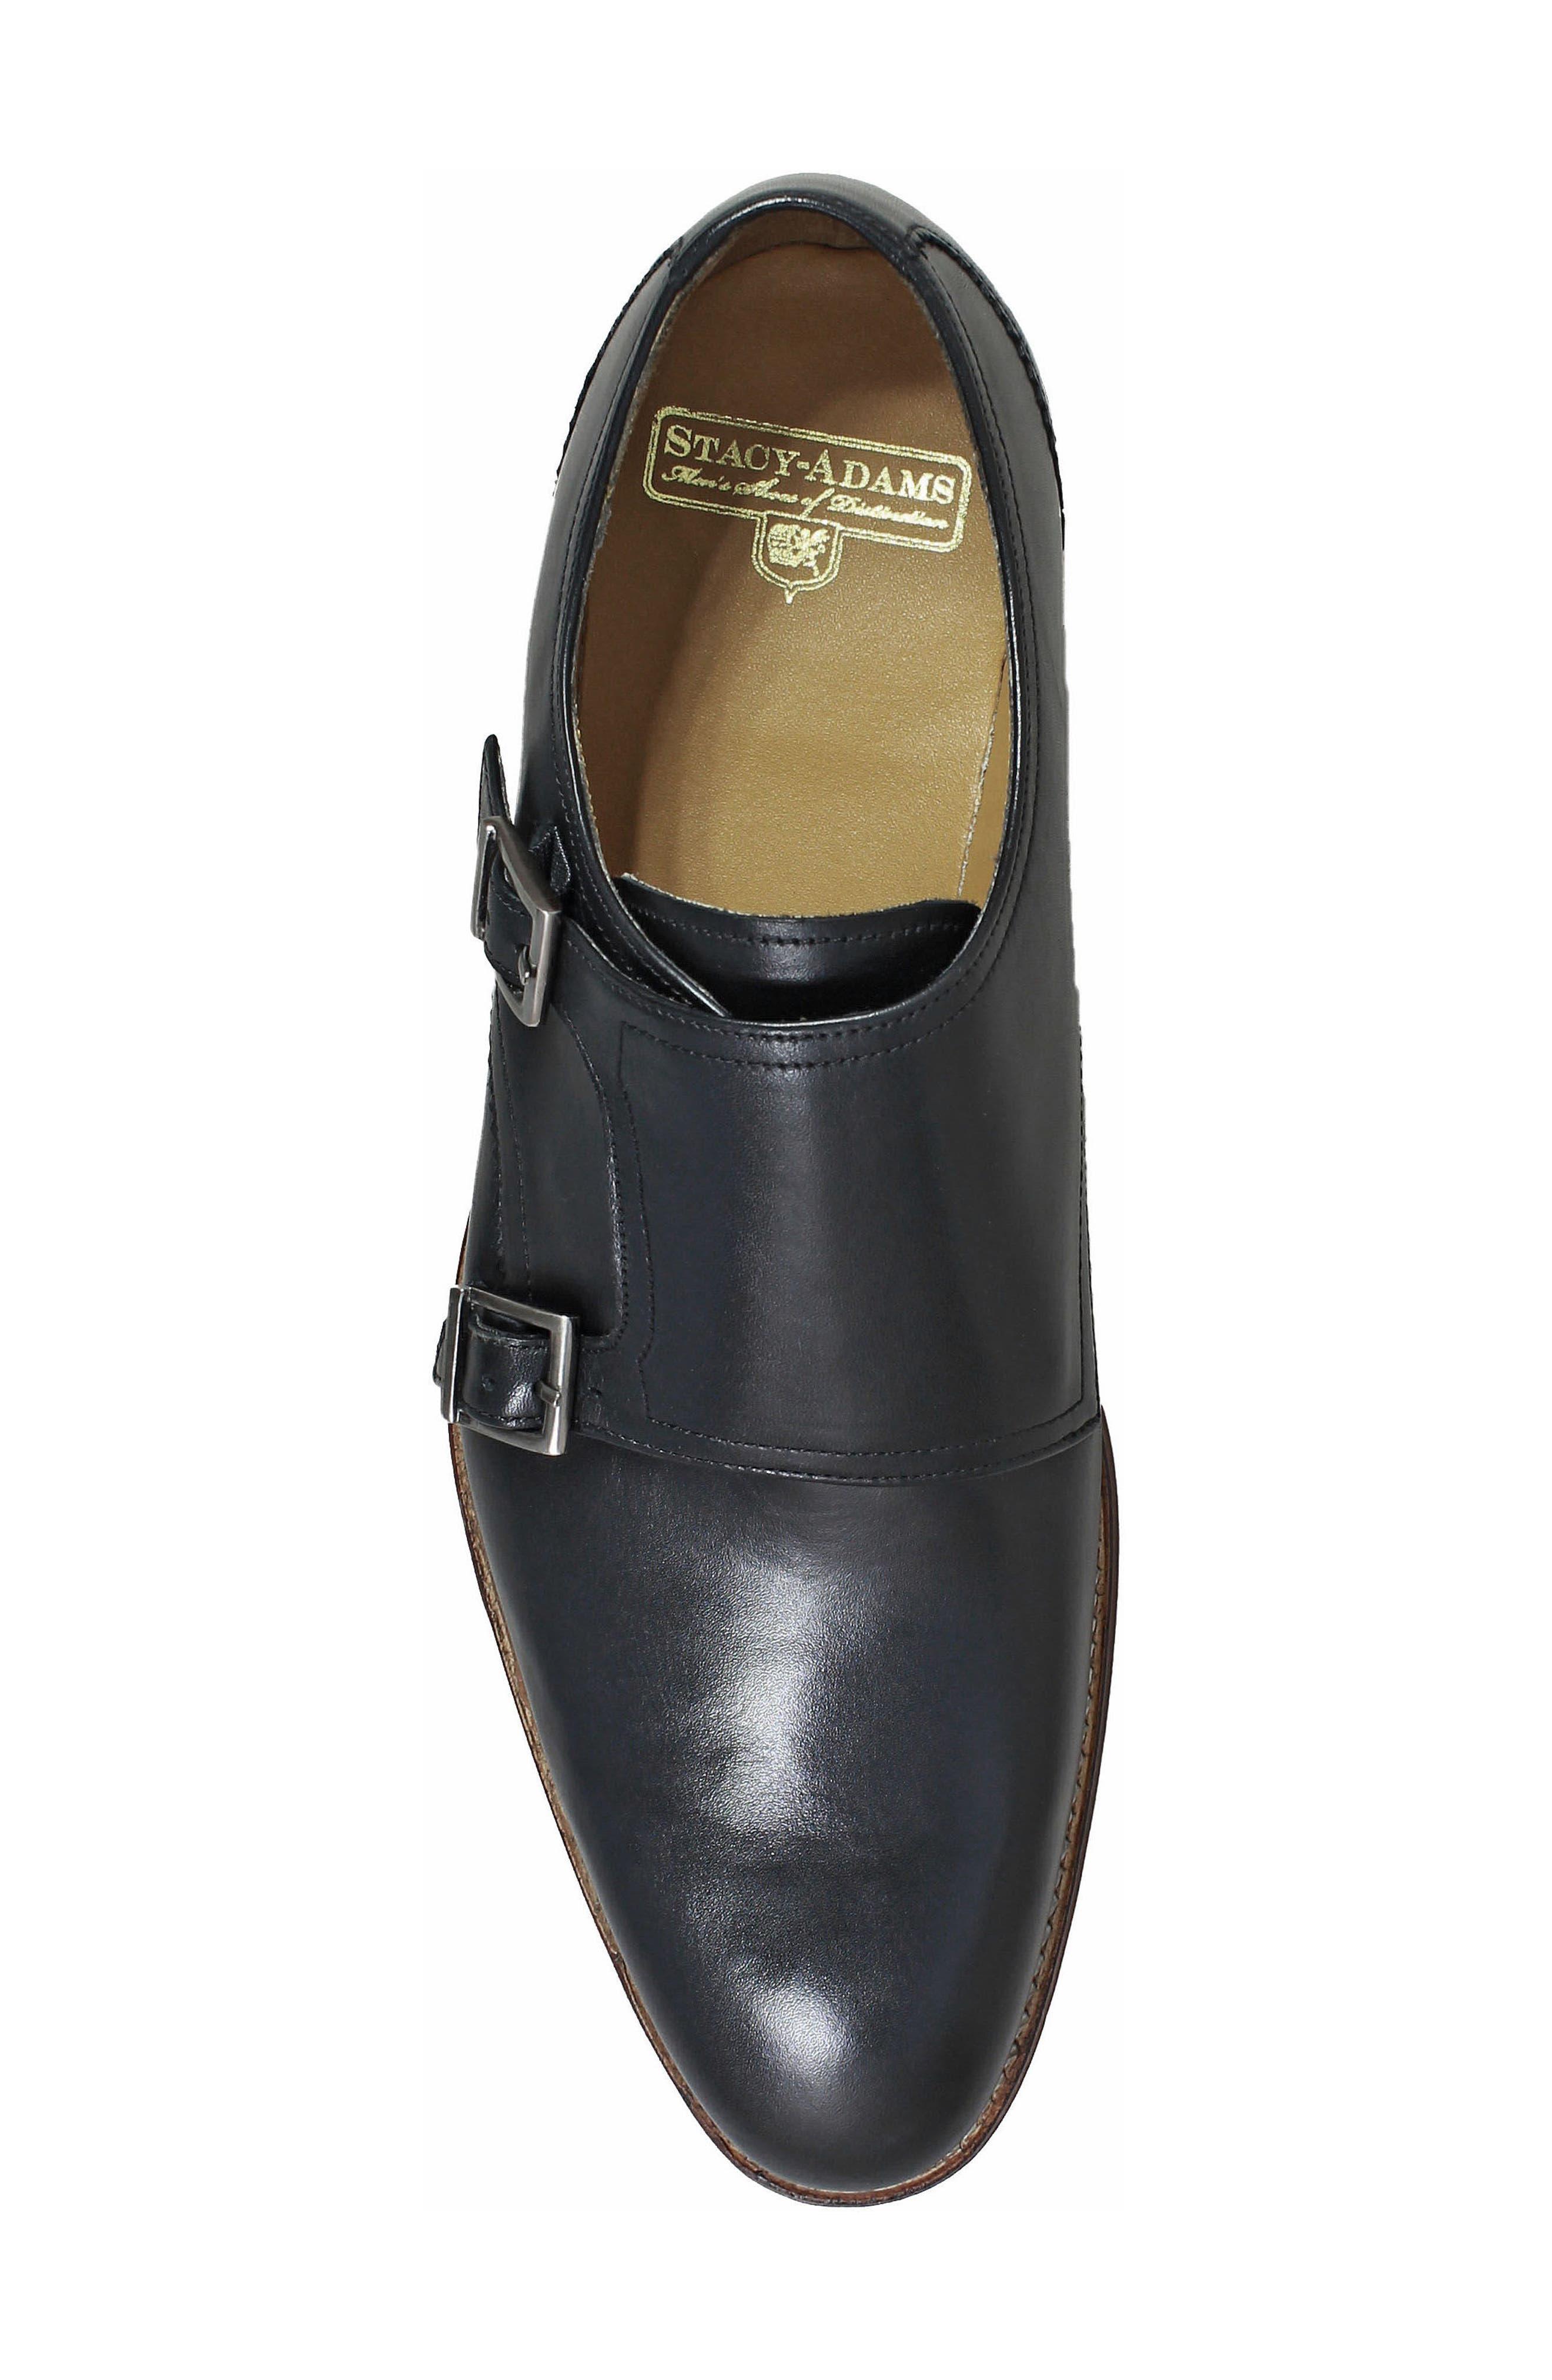 M2 Plain Toe Double Strap Monk Shoe,                             Alternate thumbnail 5, color,                             Black Leather